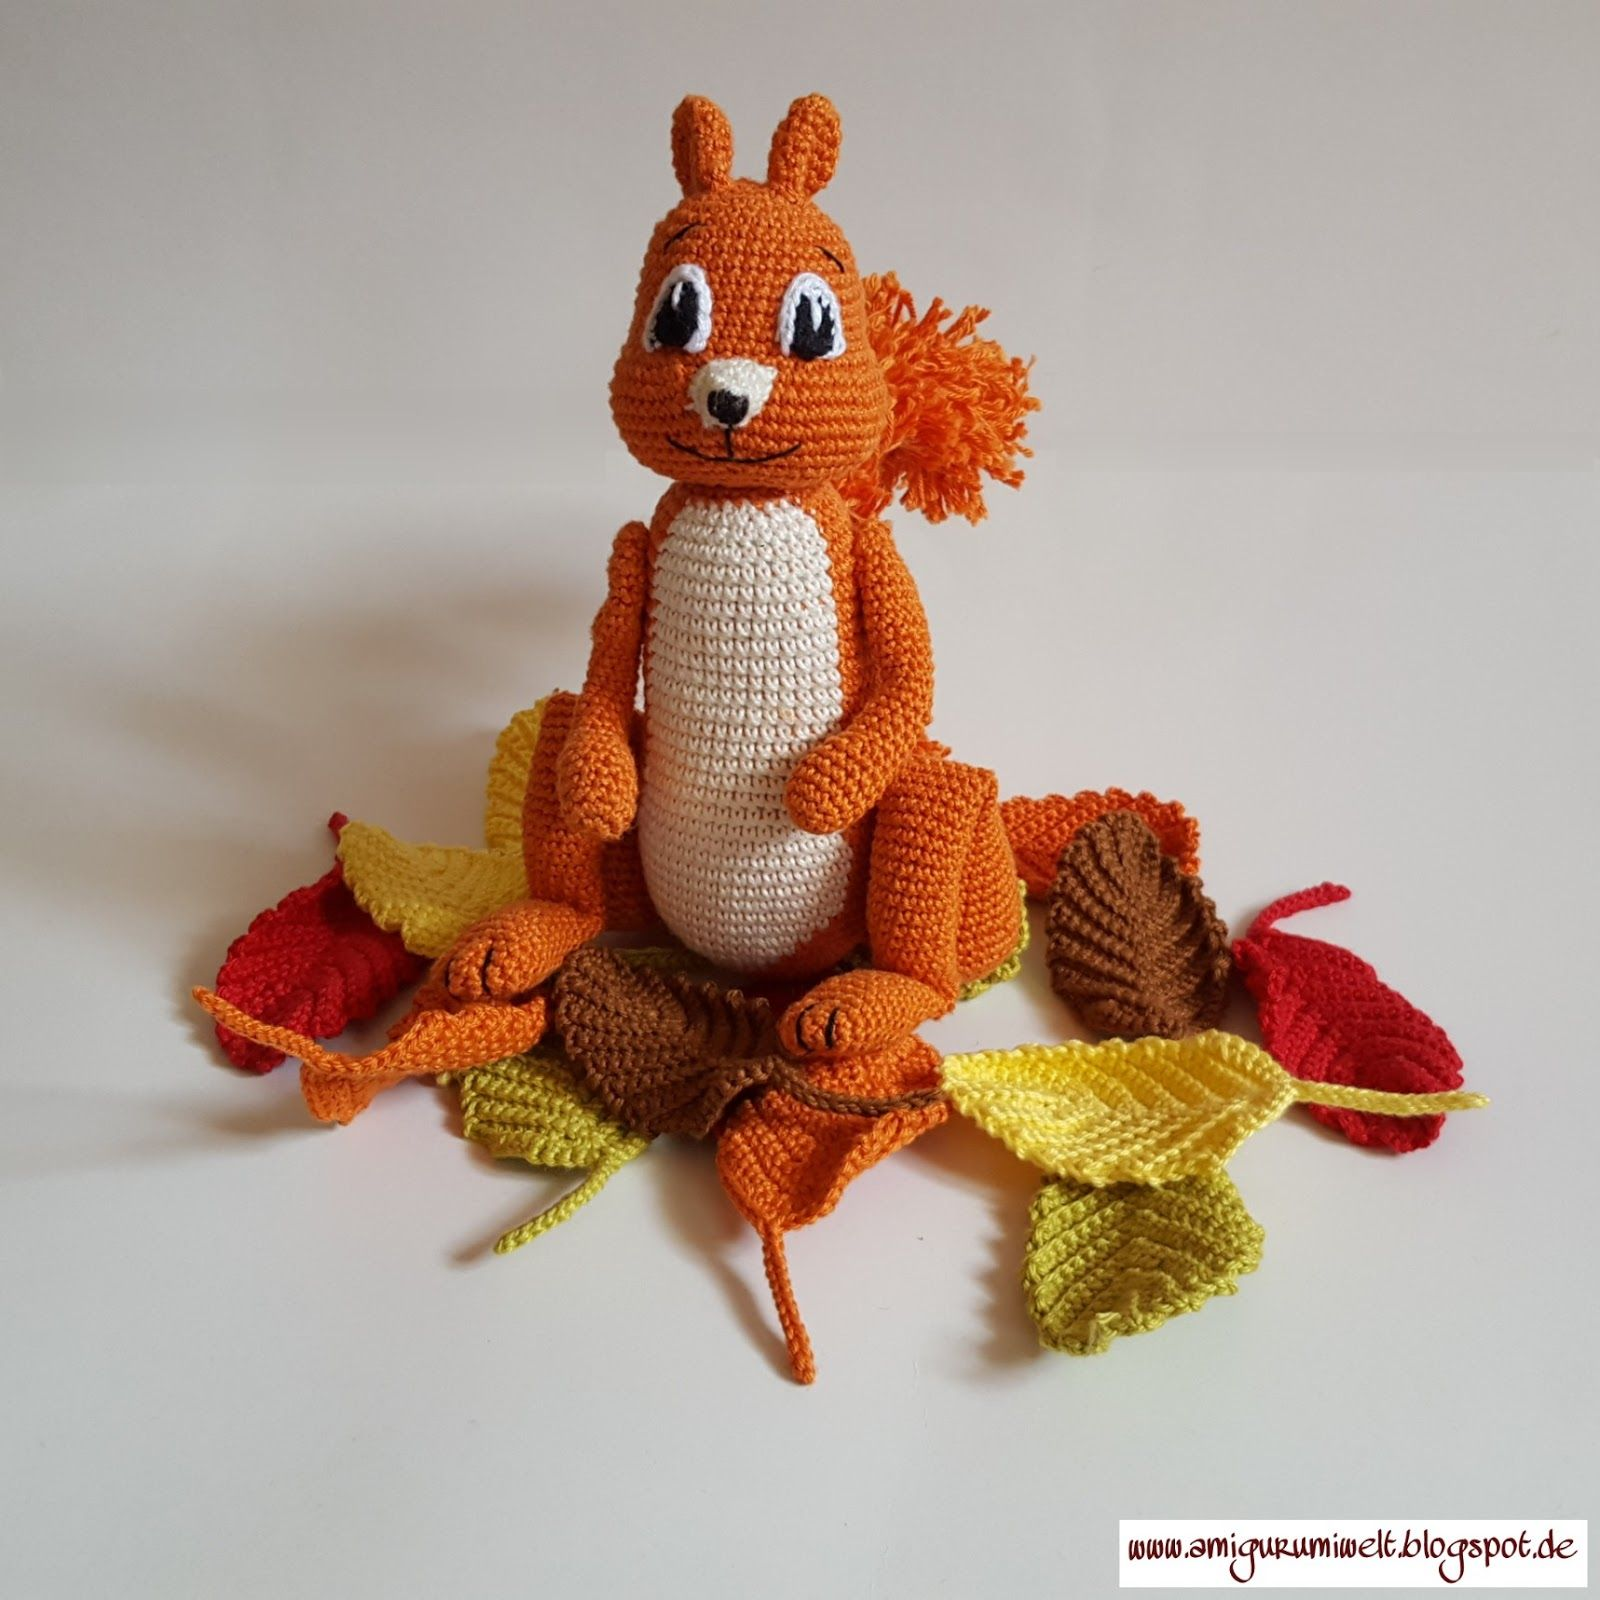 AMigurumi, crochet, häkeln, kostenlos, free, CAL, squirrel ...